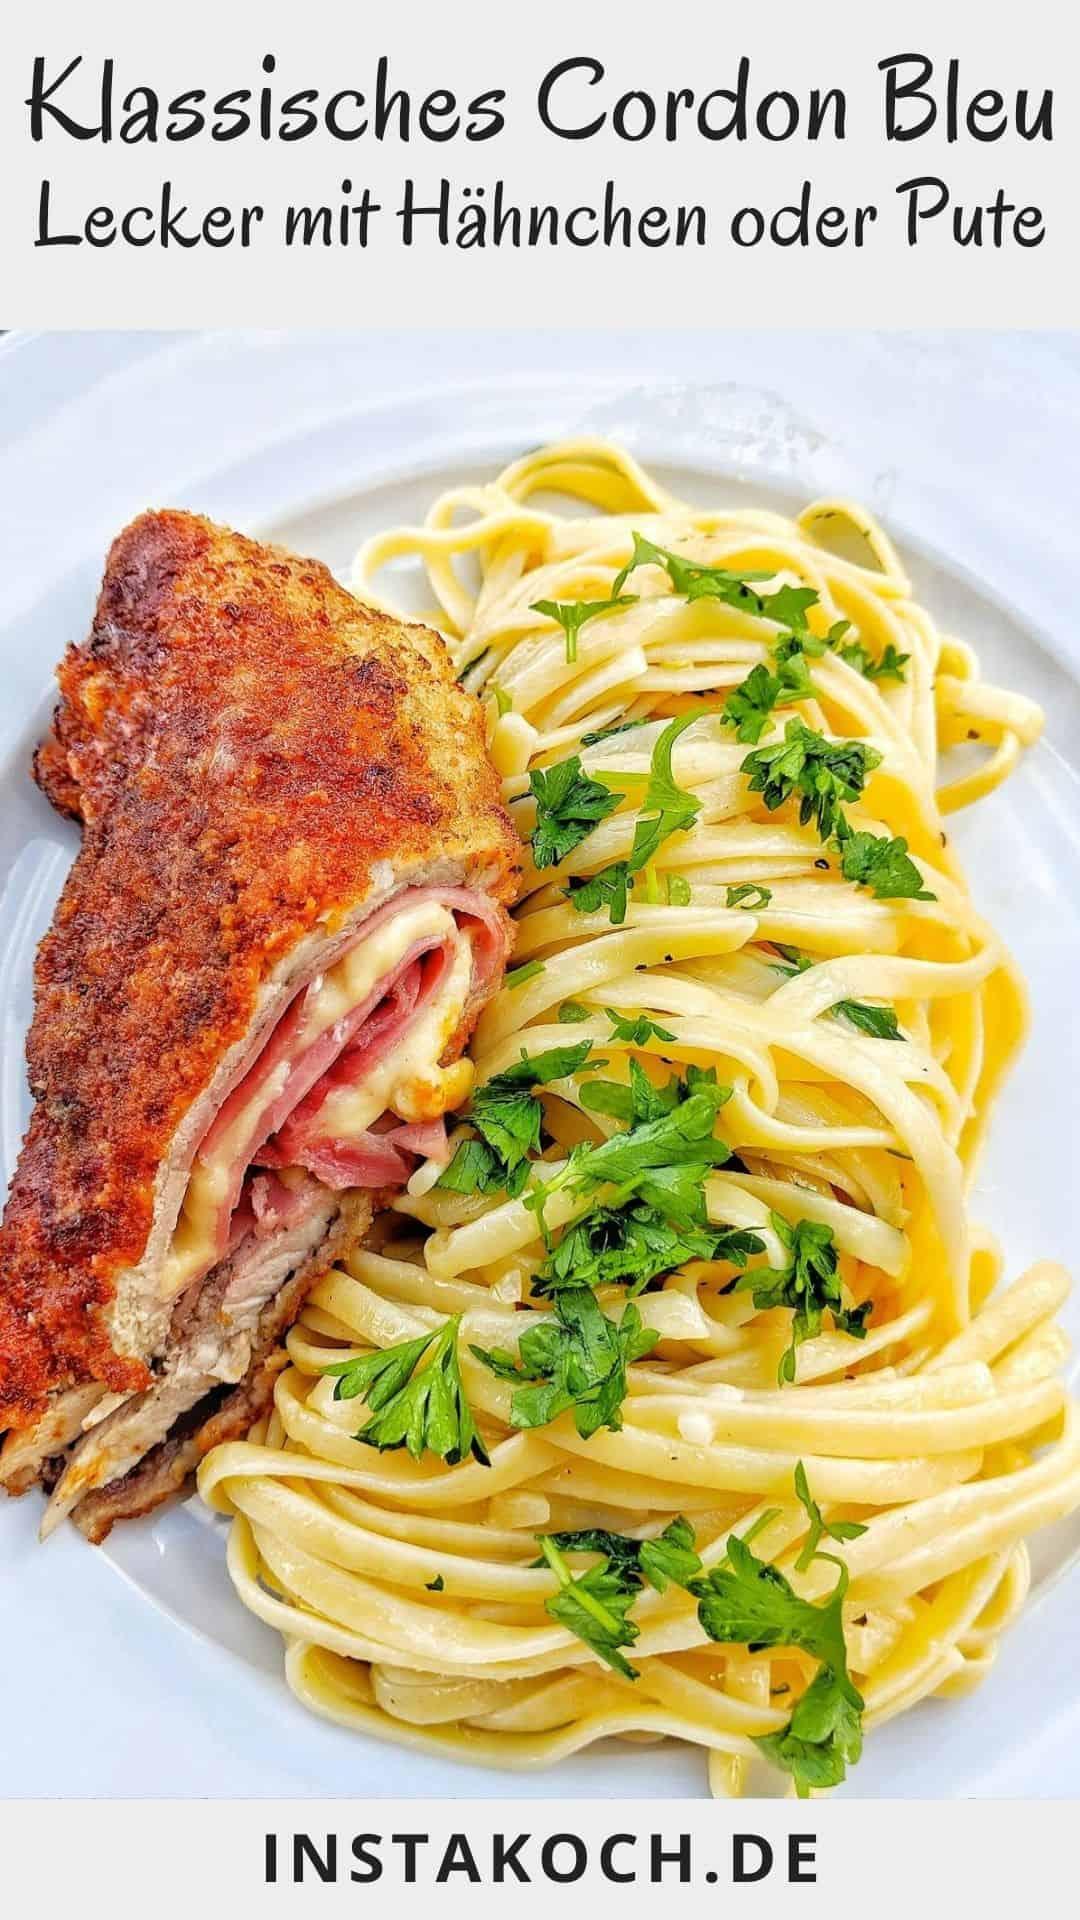 Ein Teller mit einem angeschnittenen Cordon Bleu mit Spaghetti agio olio